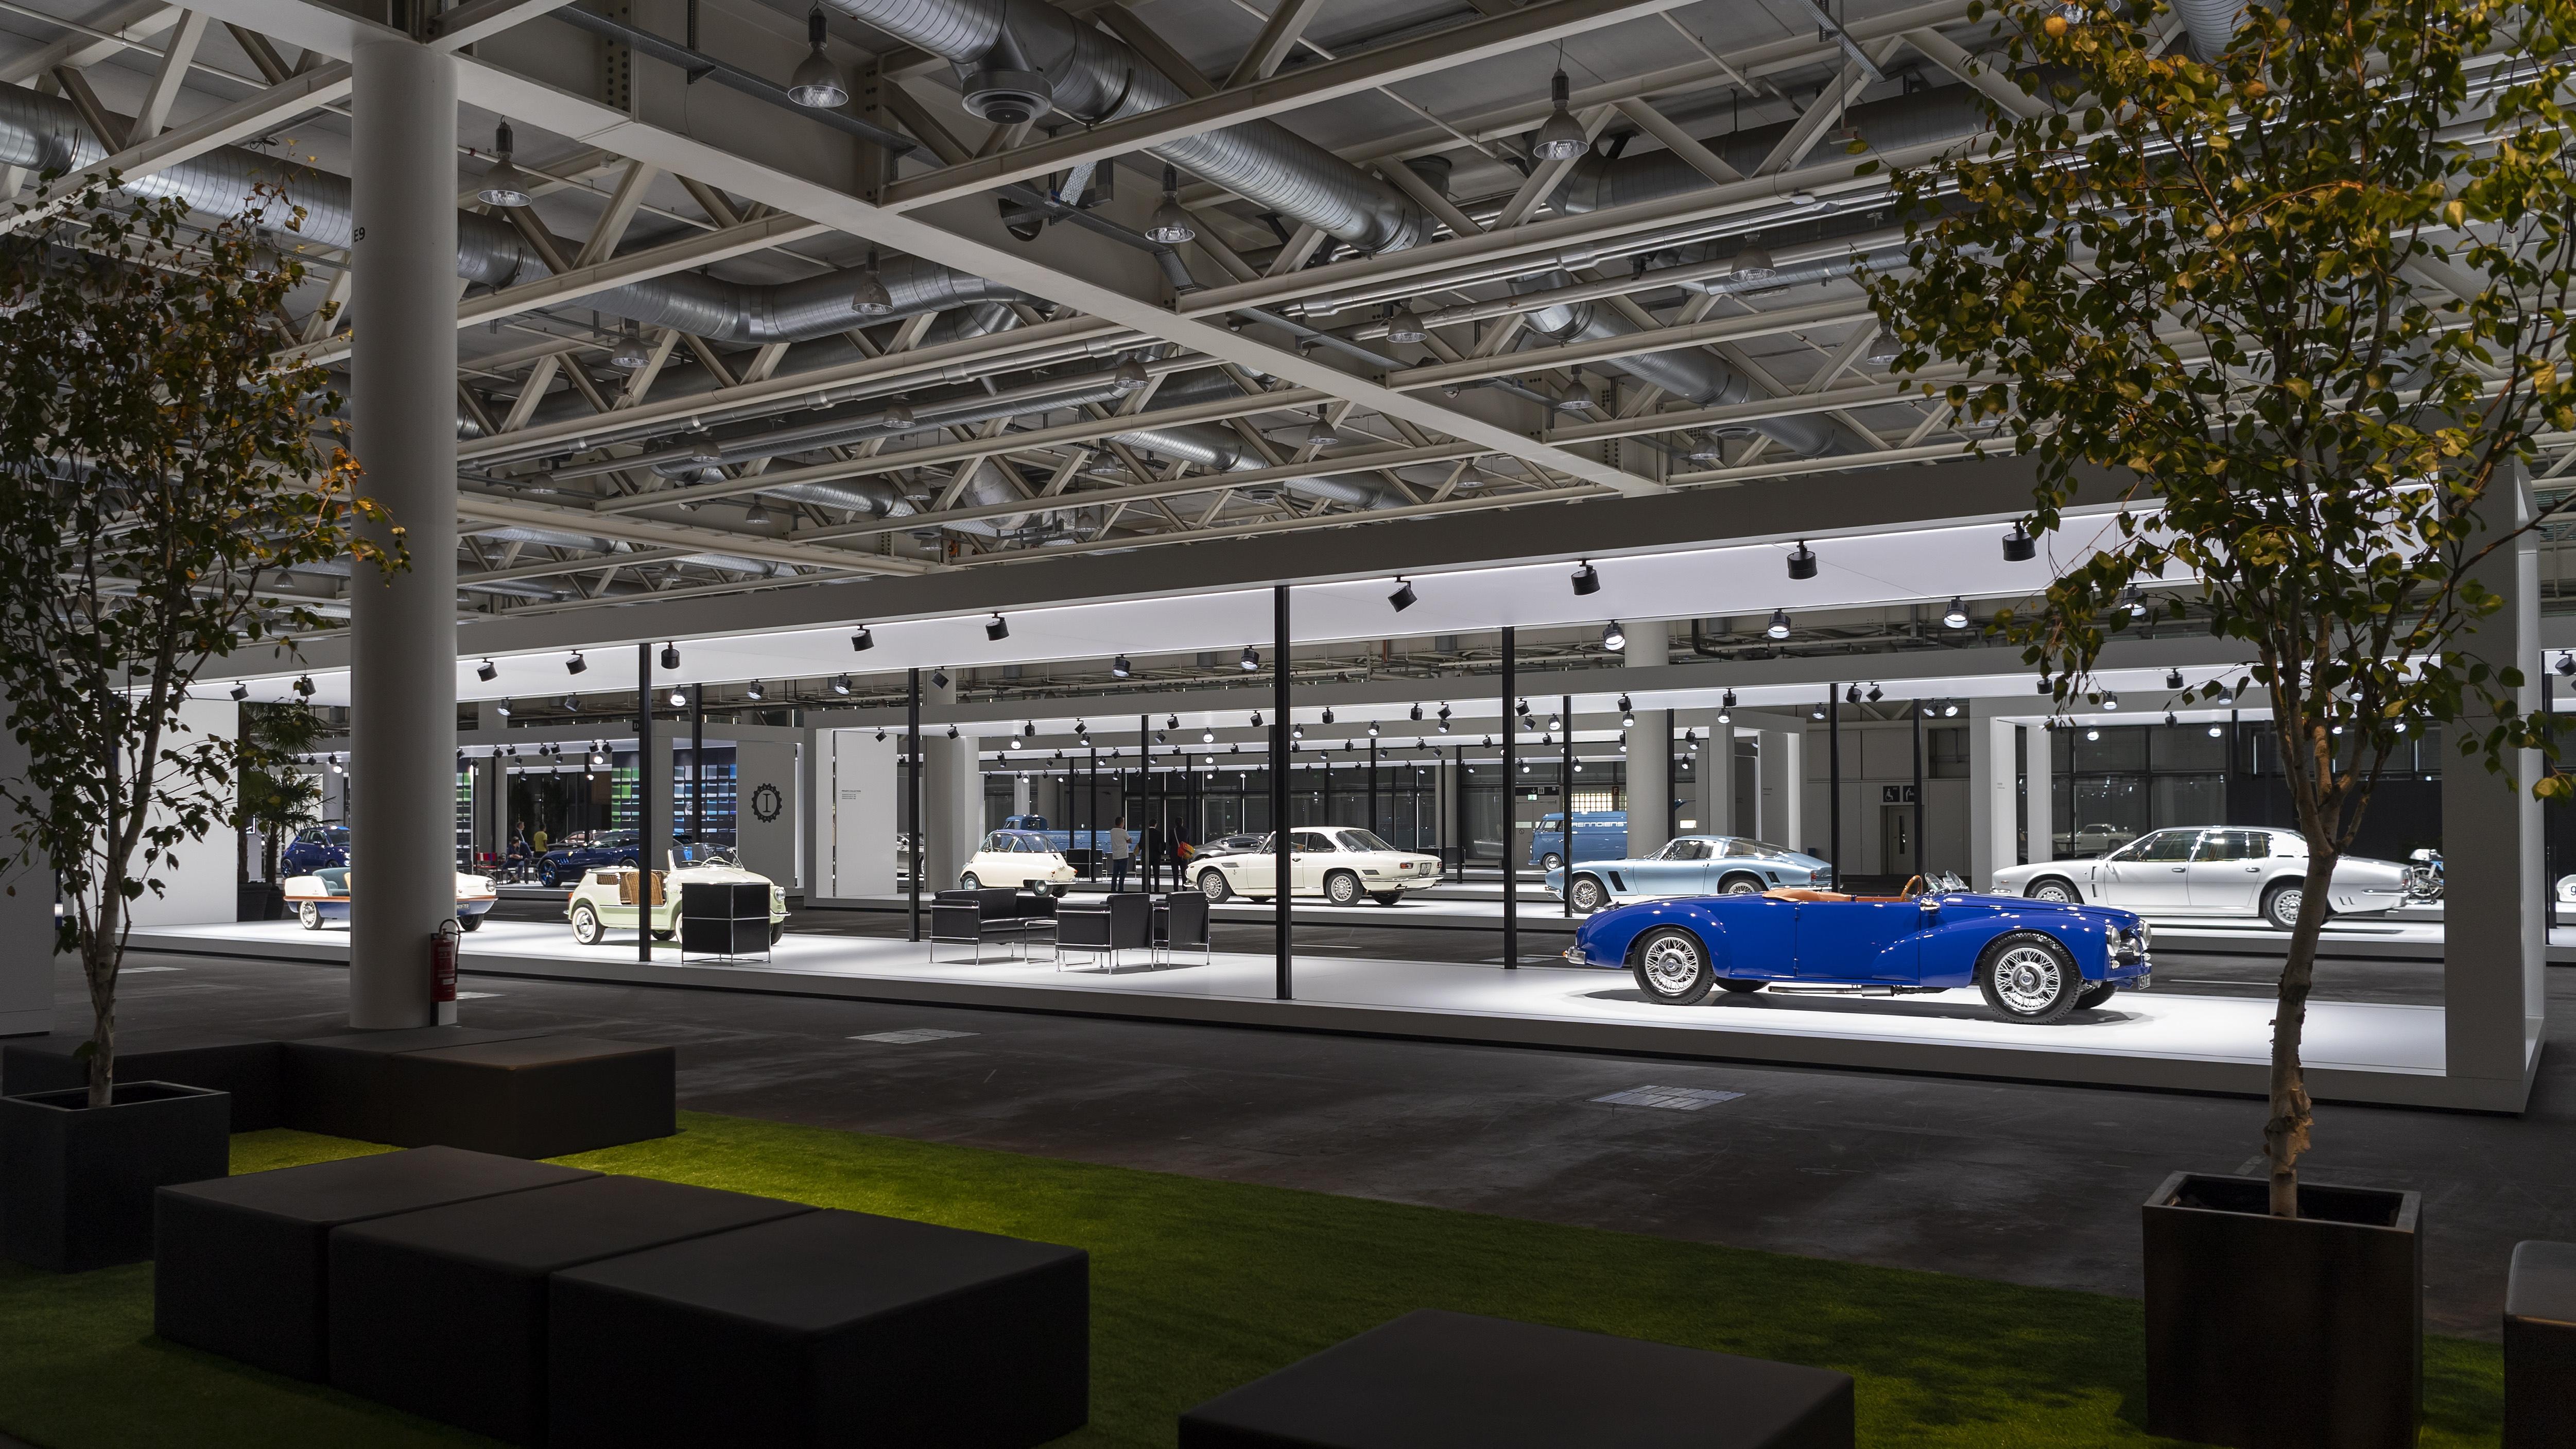 """Шоуто за автомобили """"Grand Basel"""", се фокусира върху исторически, класически и нови автомобили с """"изключителна стойност и безупречно качество"""" и се провежда от 6 до 9 септември"""